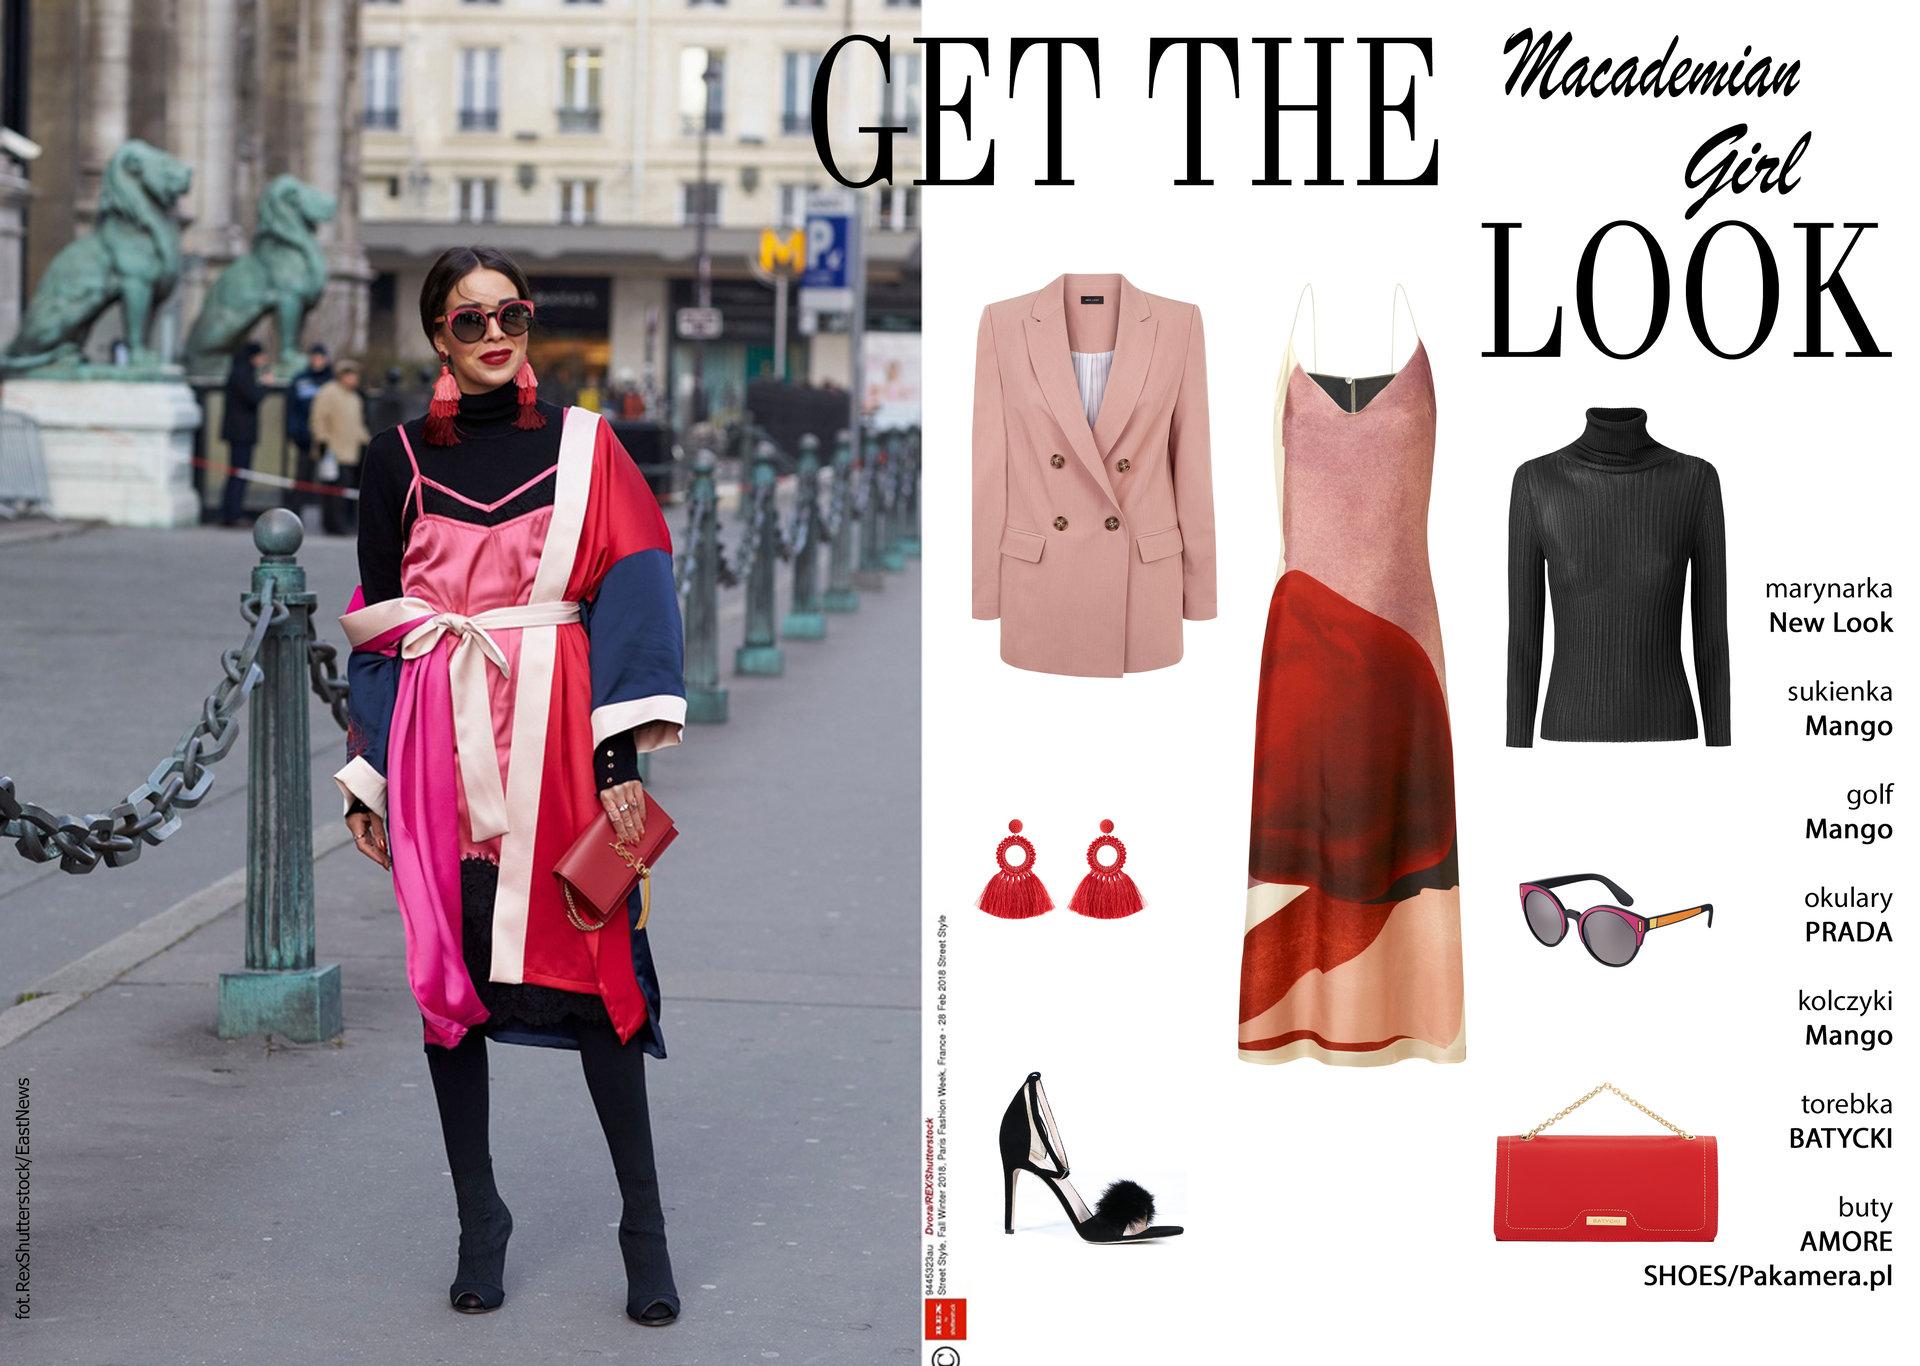 Get the Look – Macademian Girl